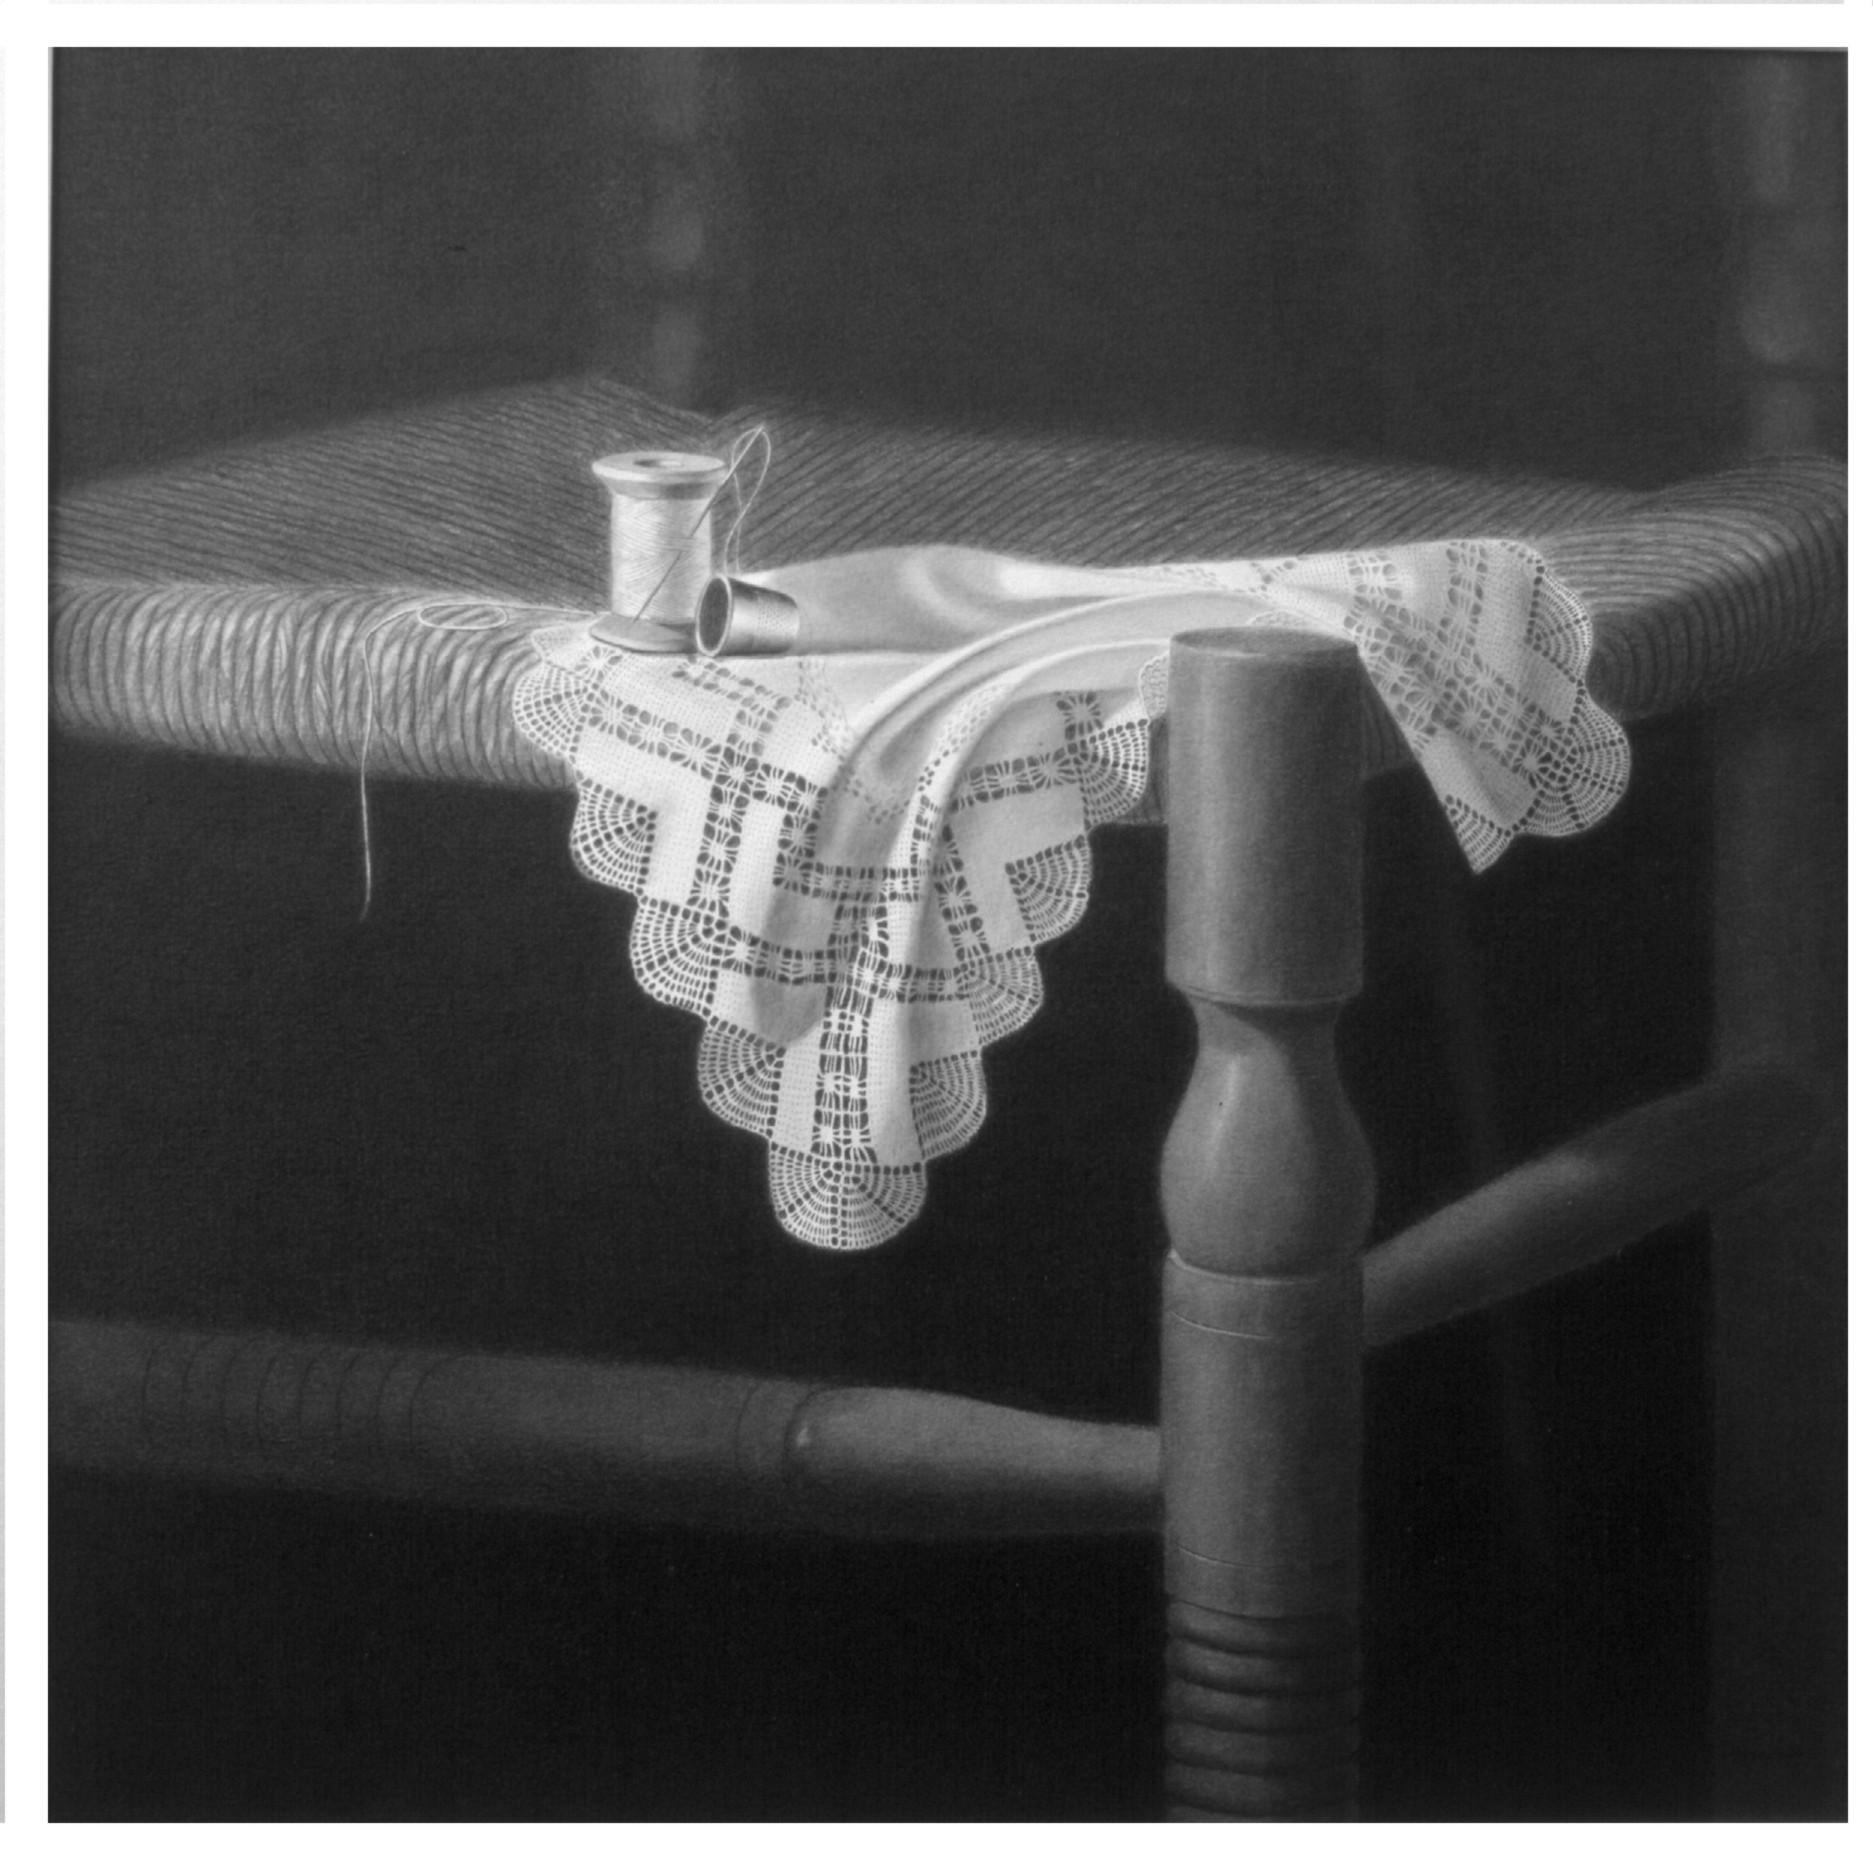 Dedal, aguja, hilo y paño sobre silla (2000) - Angel Luis Muñoz Durán